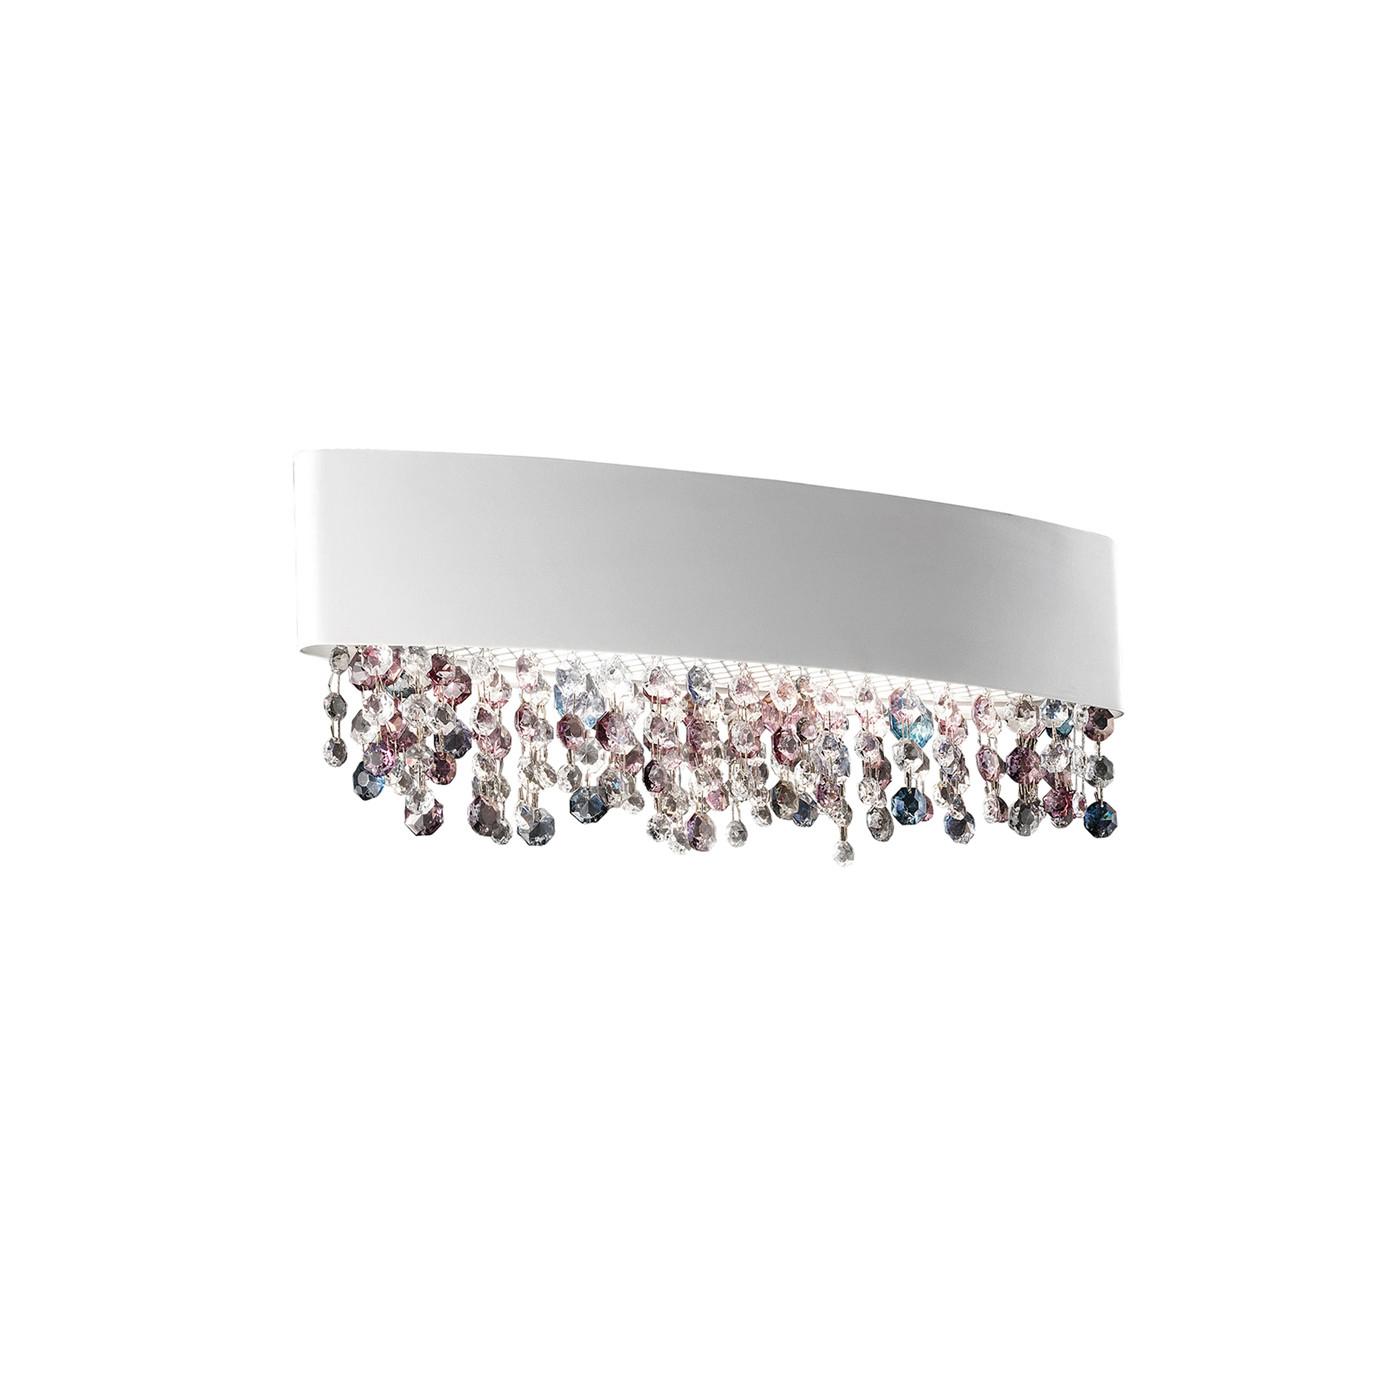 Masiero Ola A2 OV 50 LED